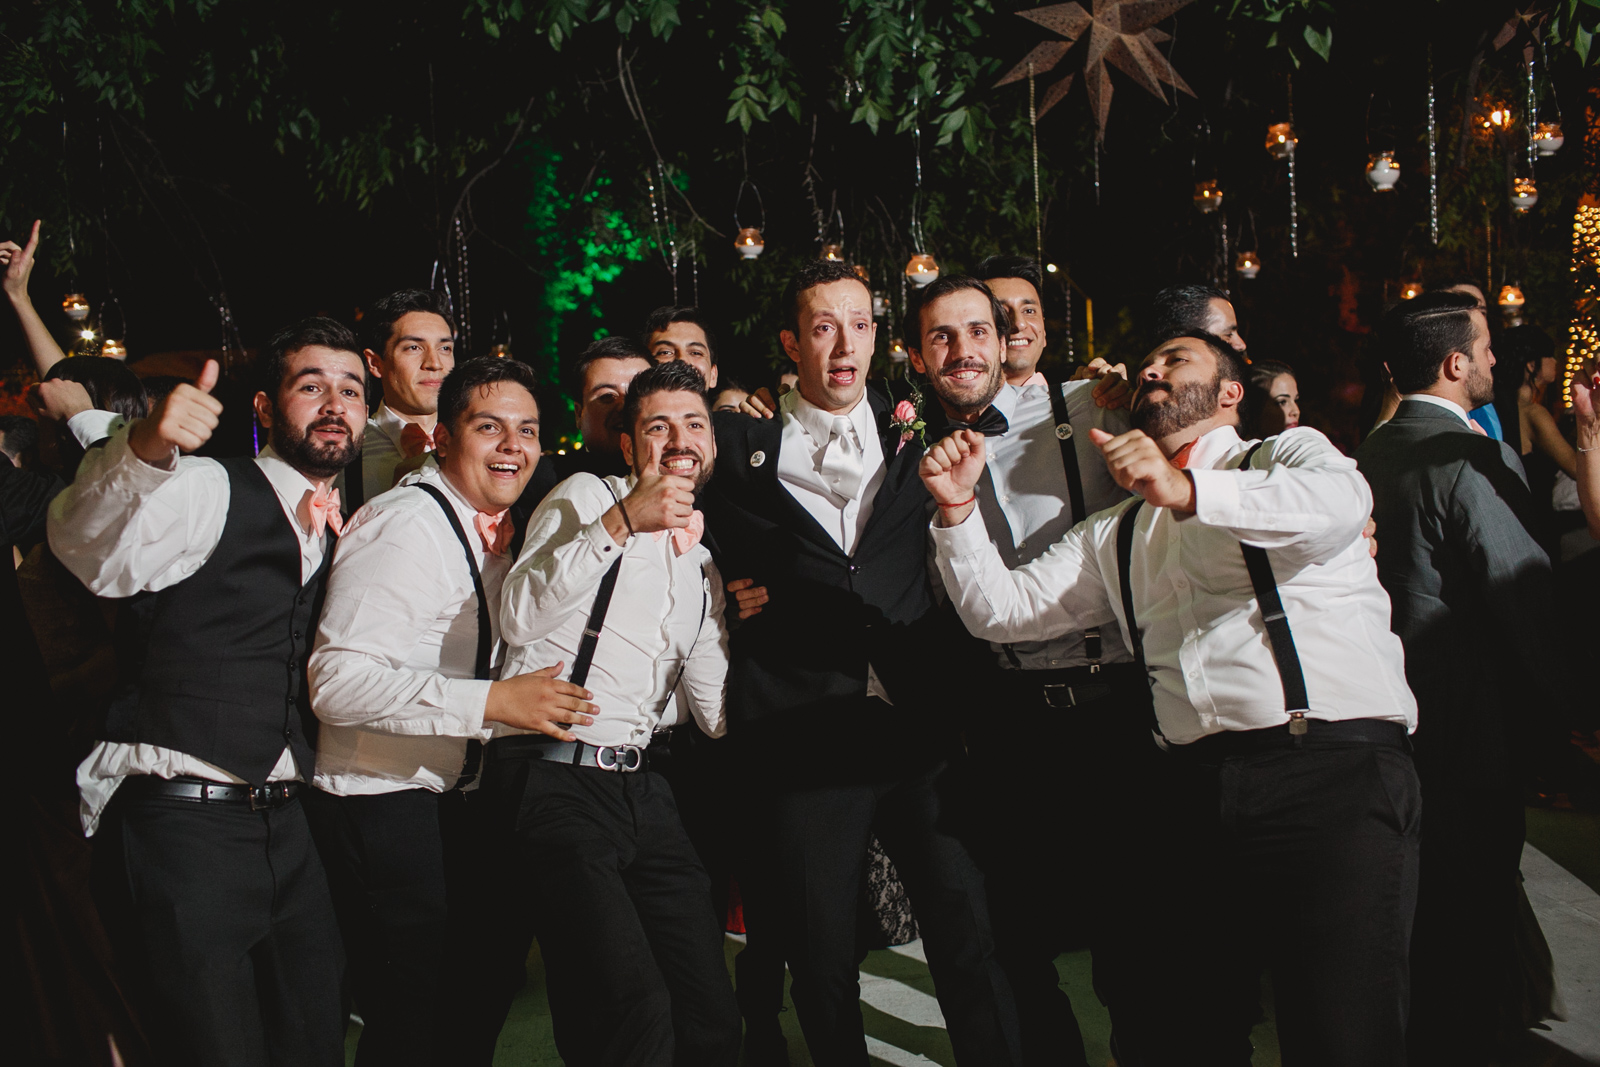 armando-aragon-fotografo-de-bodas-041